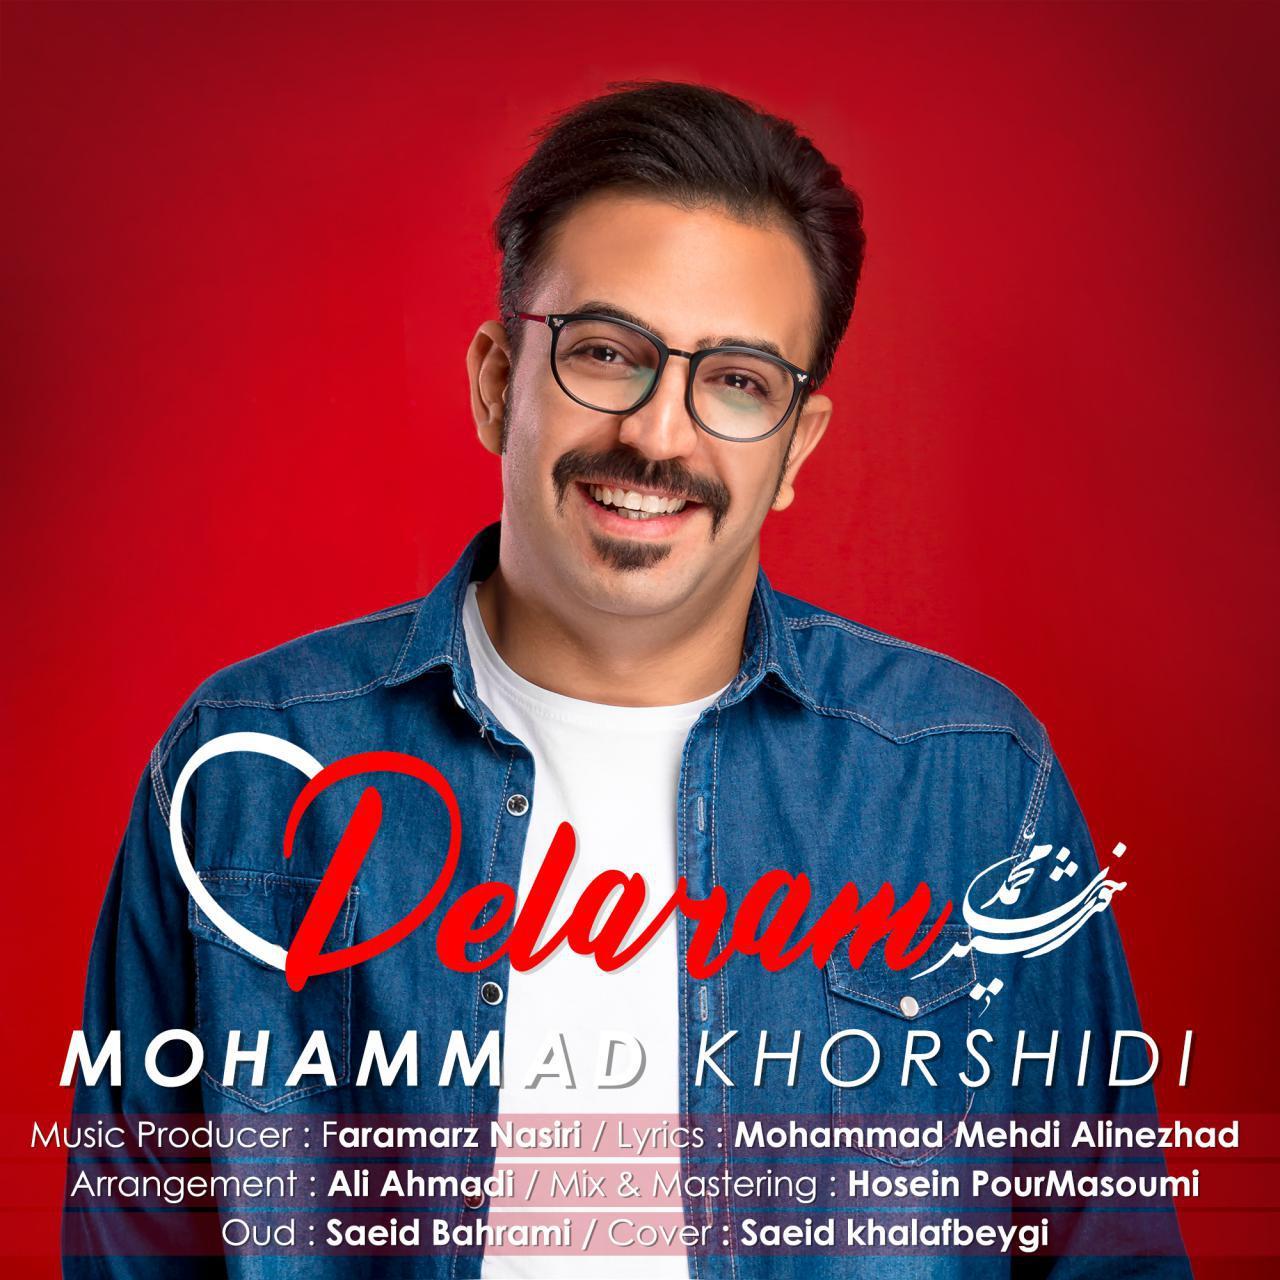 Mohammad Khorshidi – Delaram